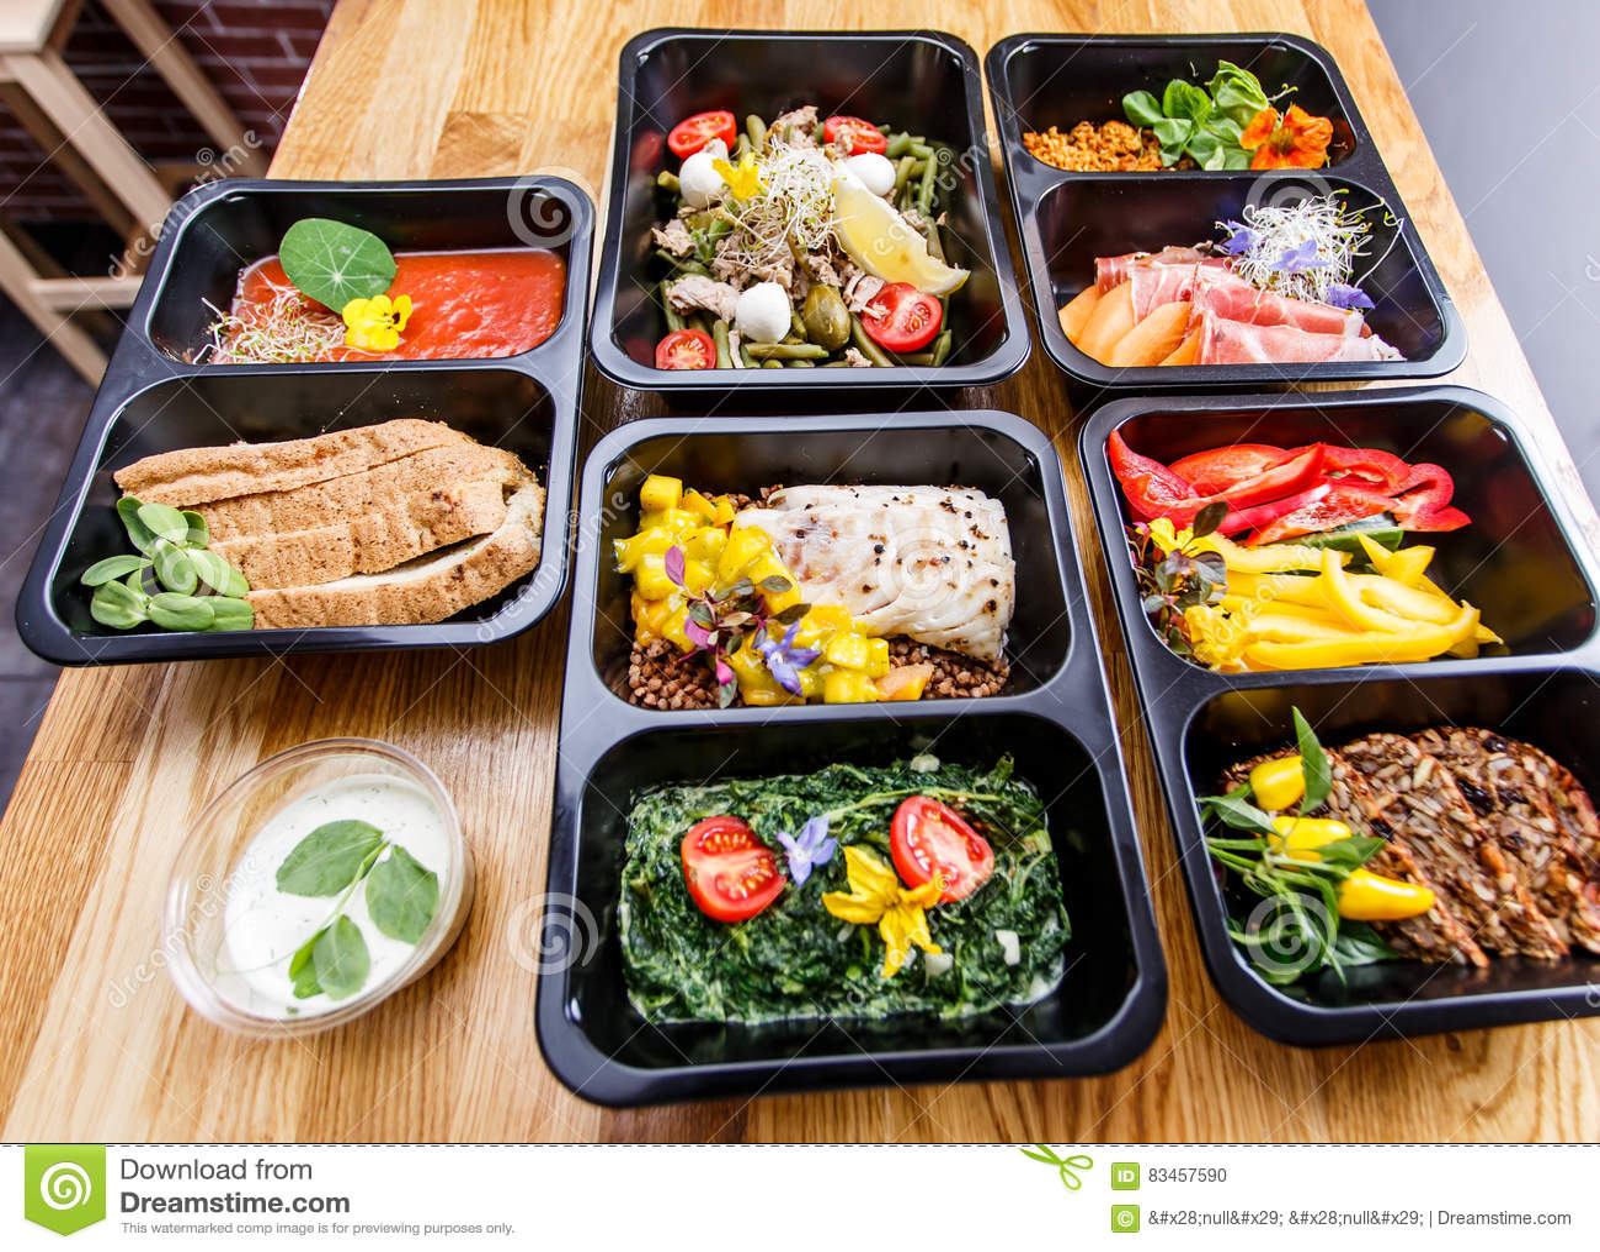 preparazione del pasto con consegna per la perdita di peso